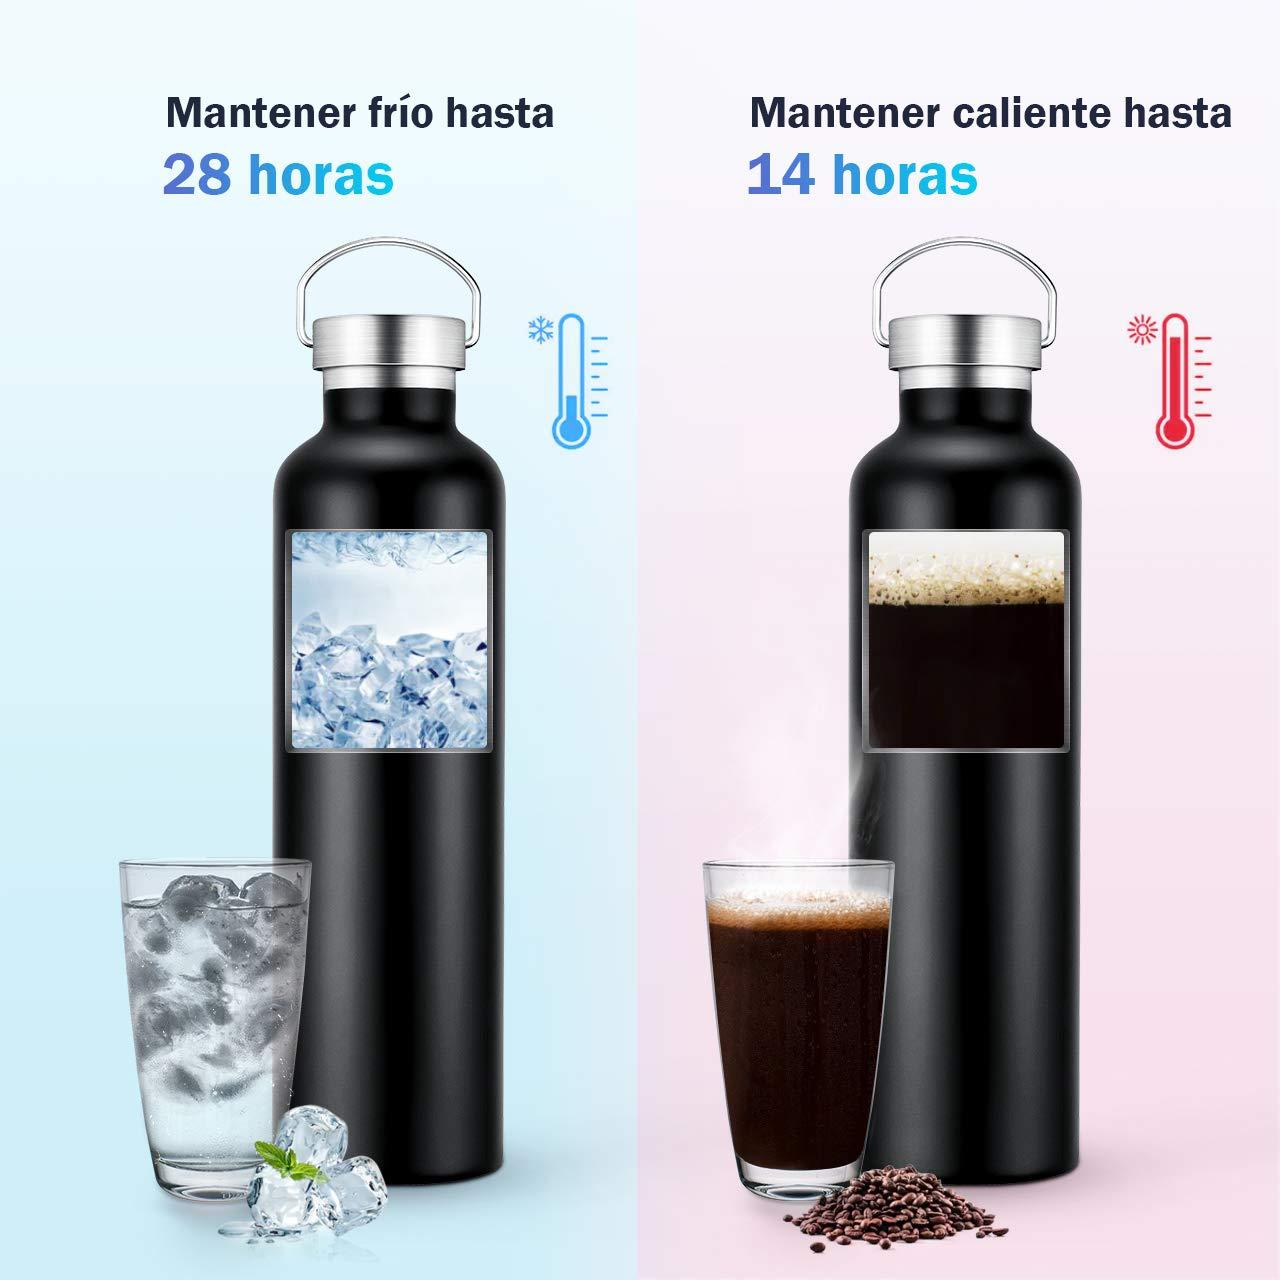 OMORC Botella Agua Acero Inoxidable, Aislada al Vacío de Conserva Frío Doble Pared, Resistencia al Rayado, sin BPA Botella Agua Deporte, para ...